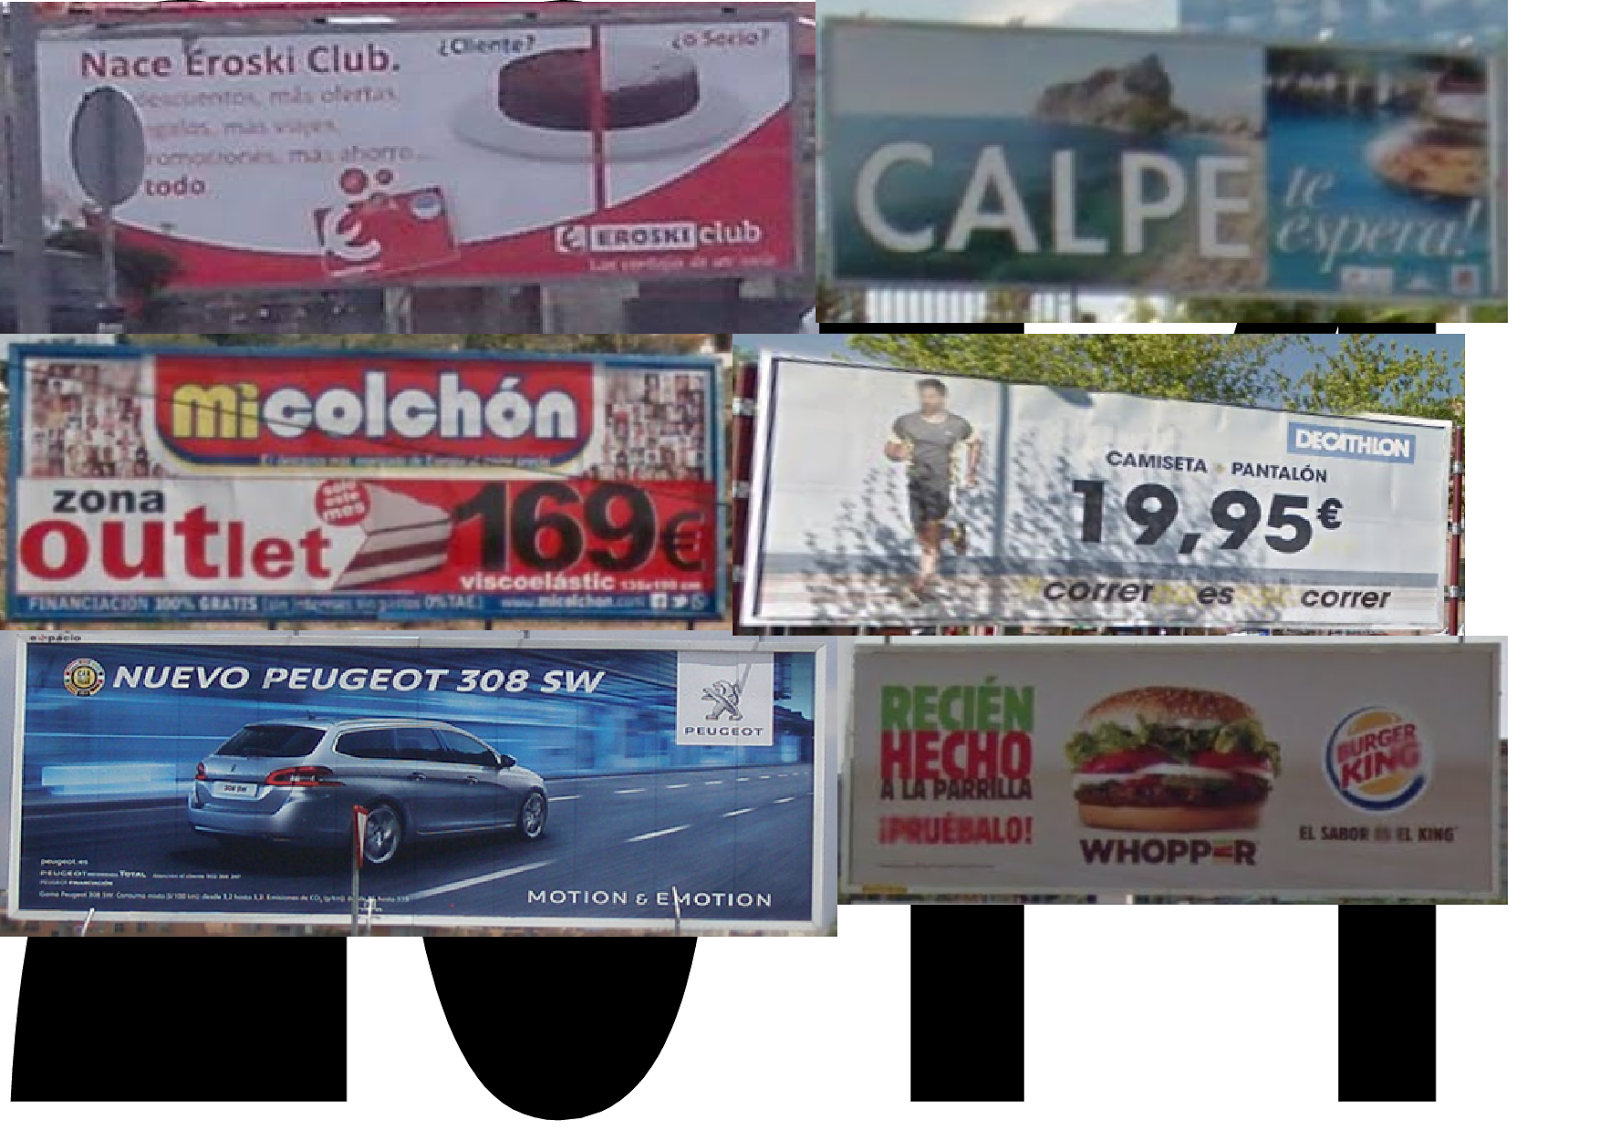 Vallas publicitarias espa a anuncios en vallas 2014 27 - Decathlon calpe ...